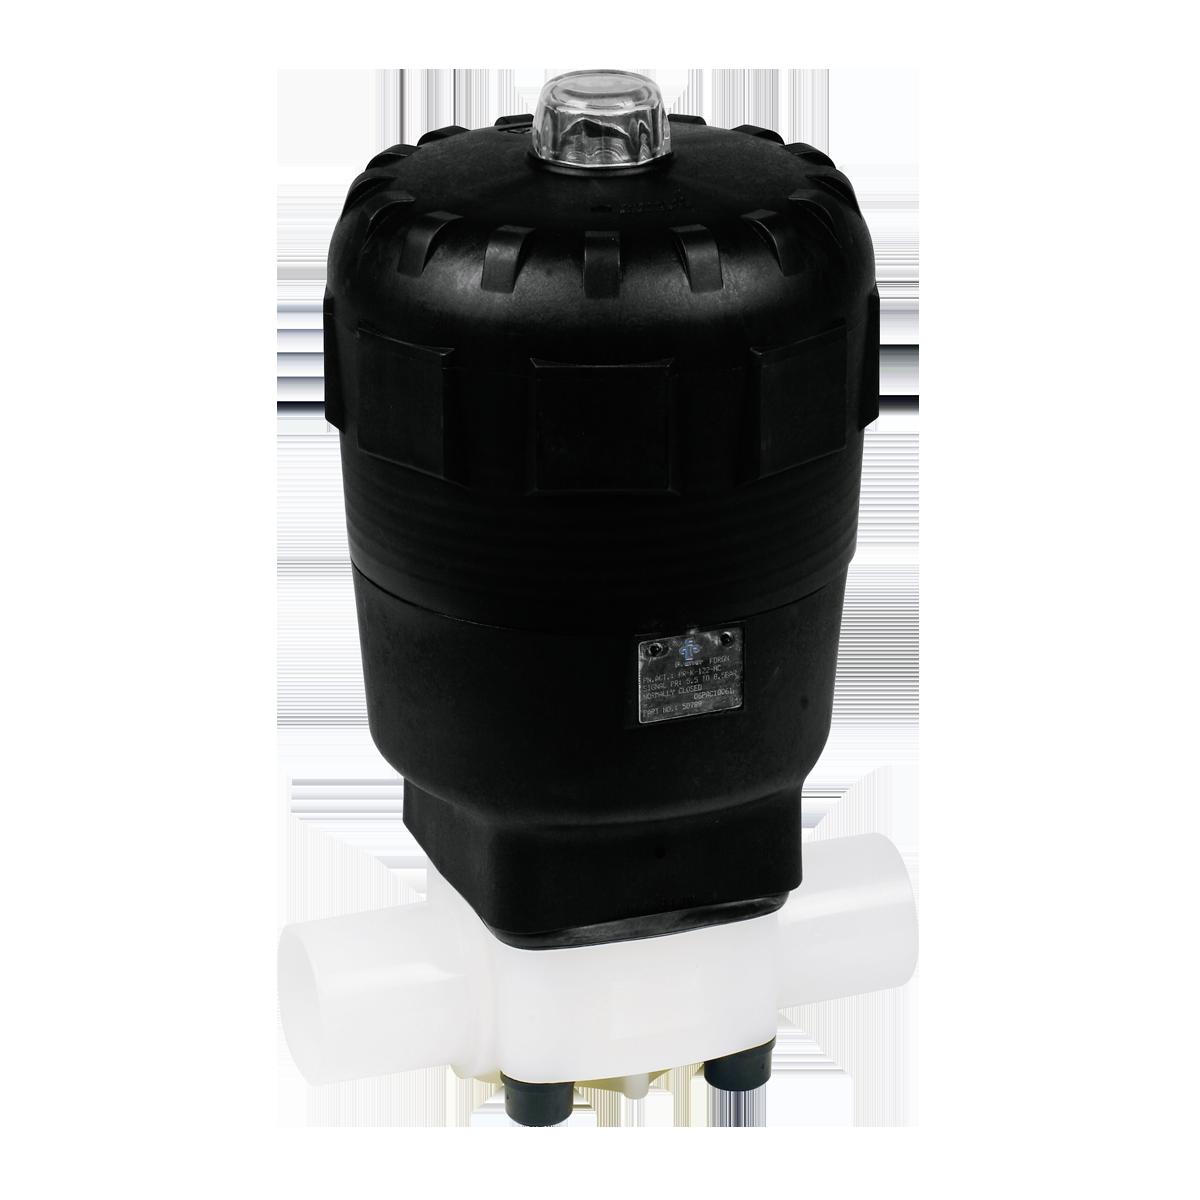 Praher Diaphragm Valve T4 PVDF with pneumatic actuator, white, black